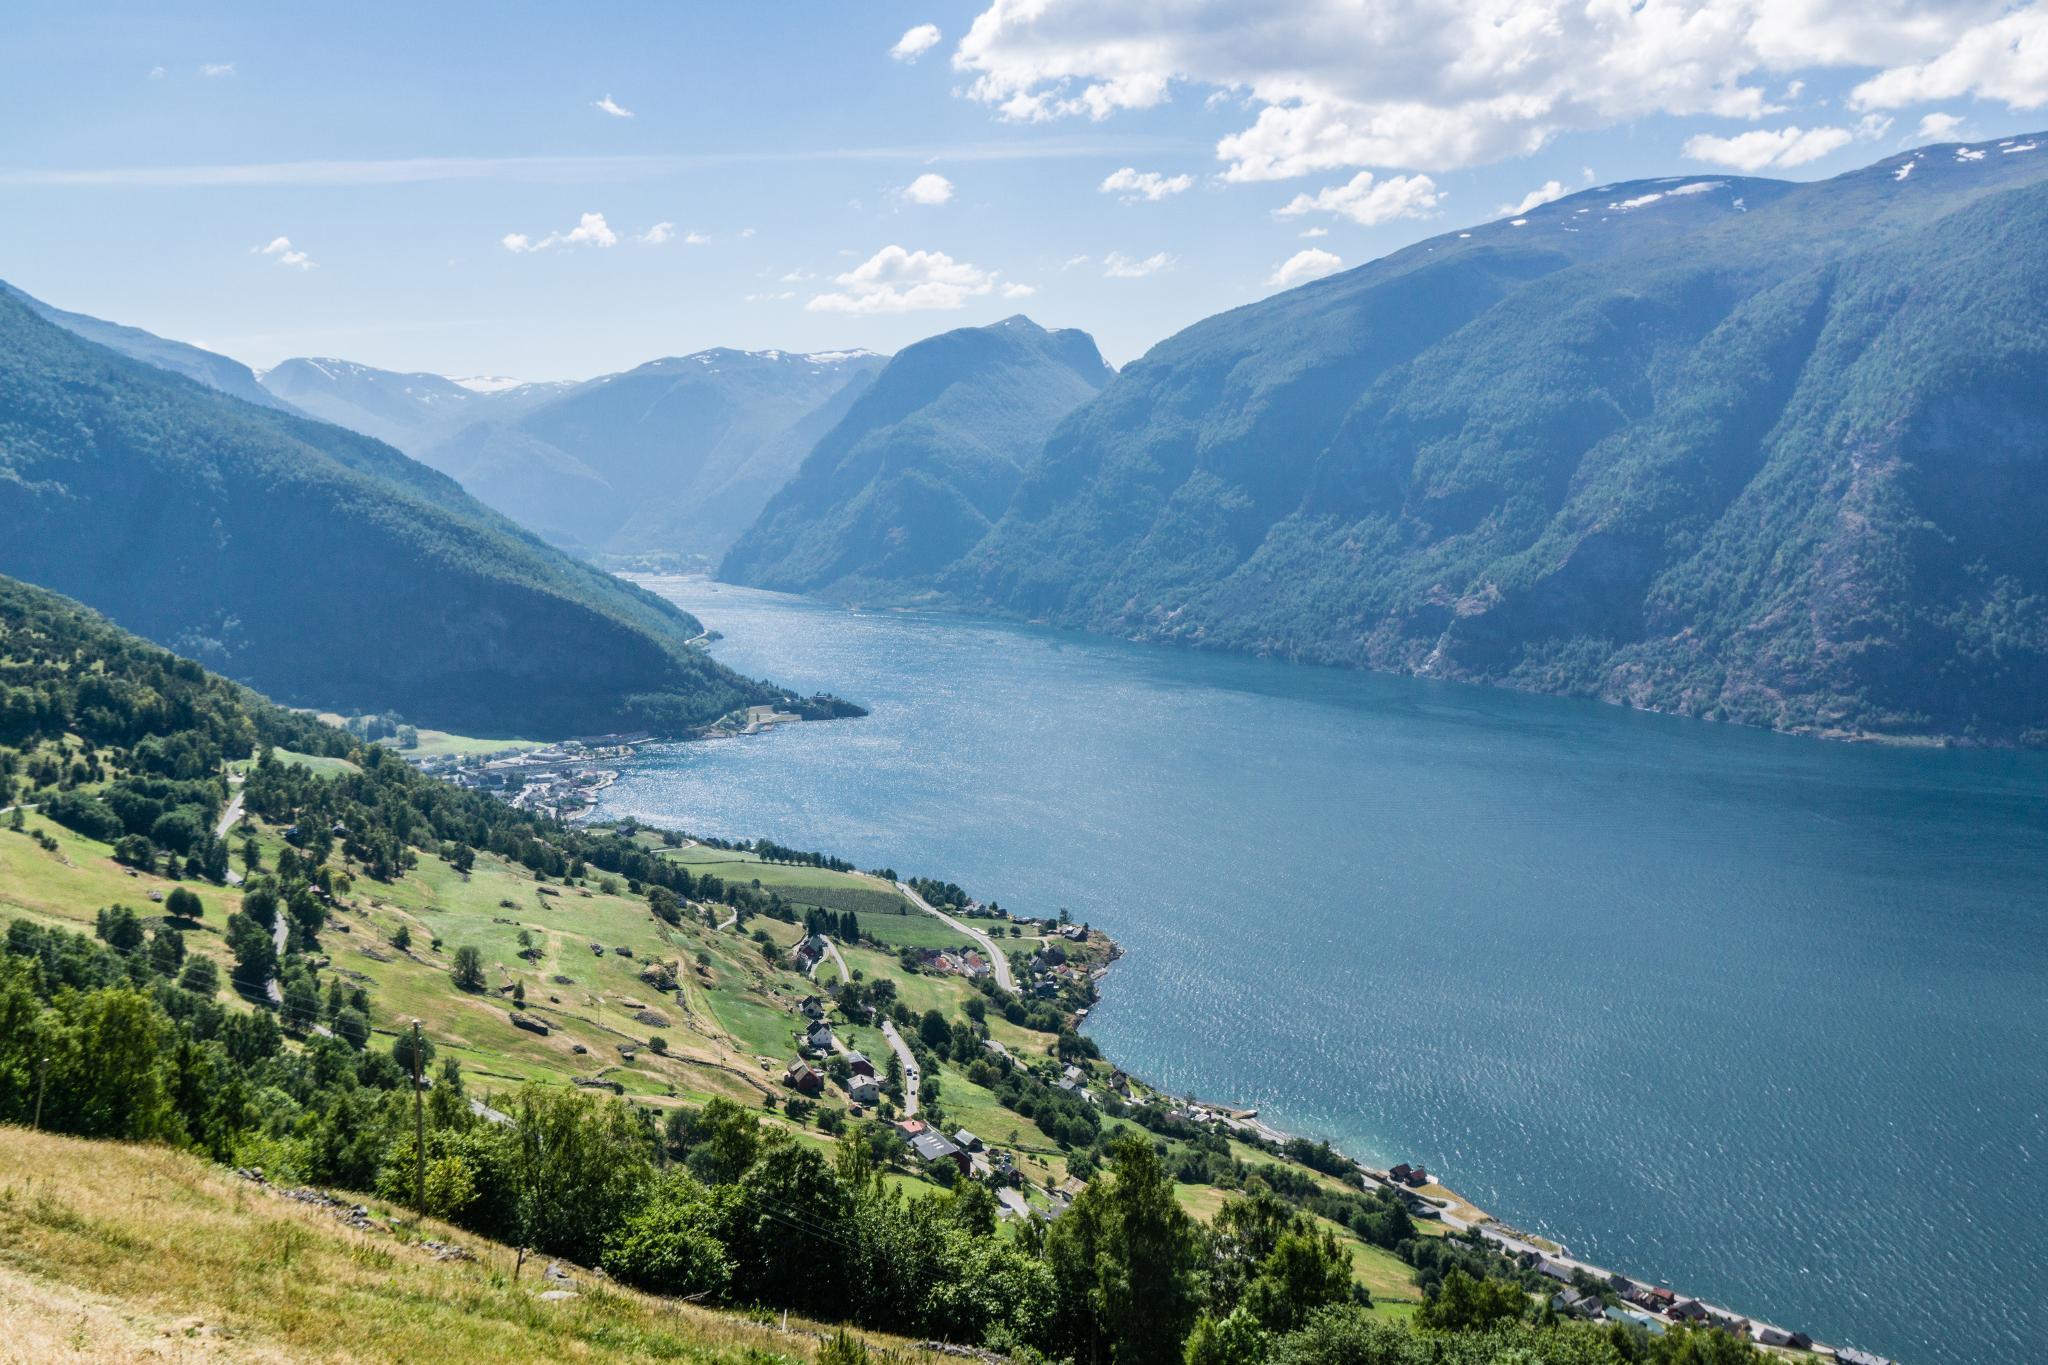 【北歐景點】世界最美景觀公路 - 俯瞰挪威松恩峽灣的 Fv243 雪之路 (Aurlandsfjellet) 34